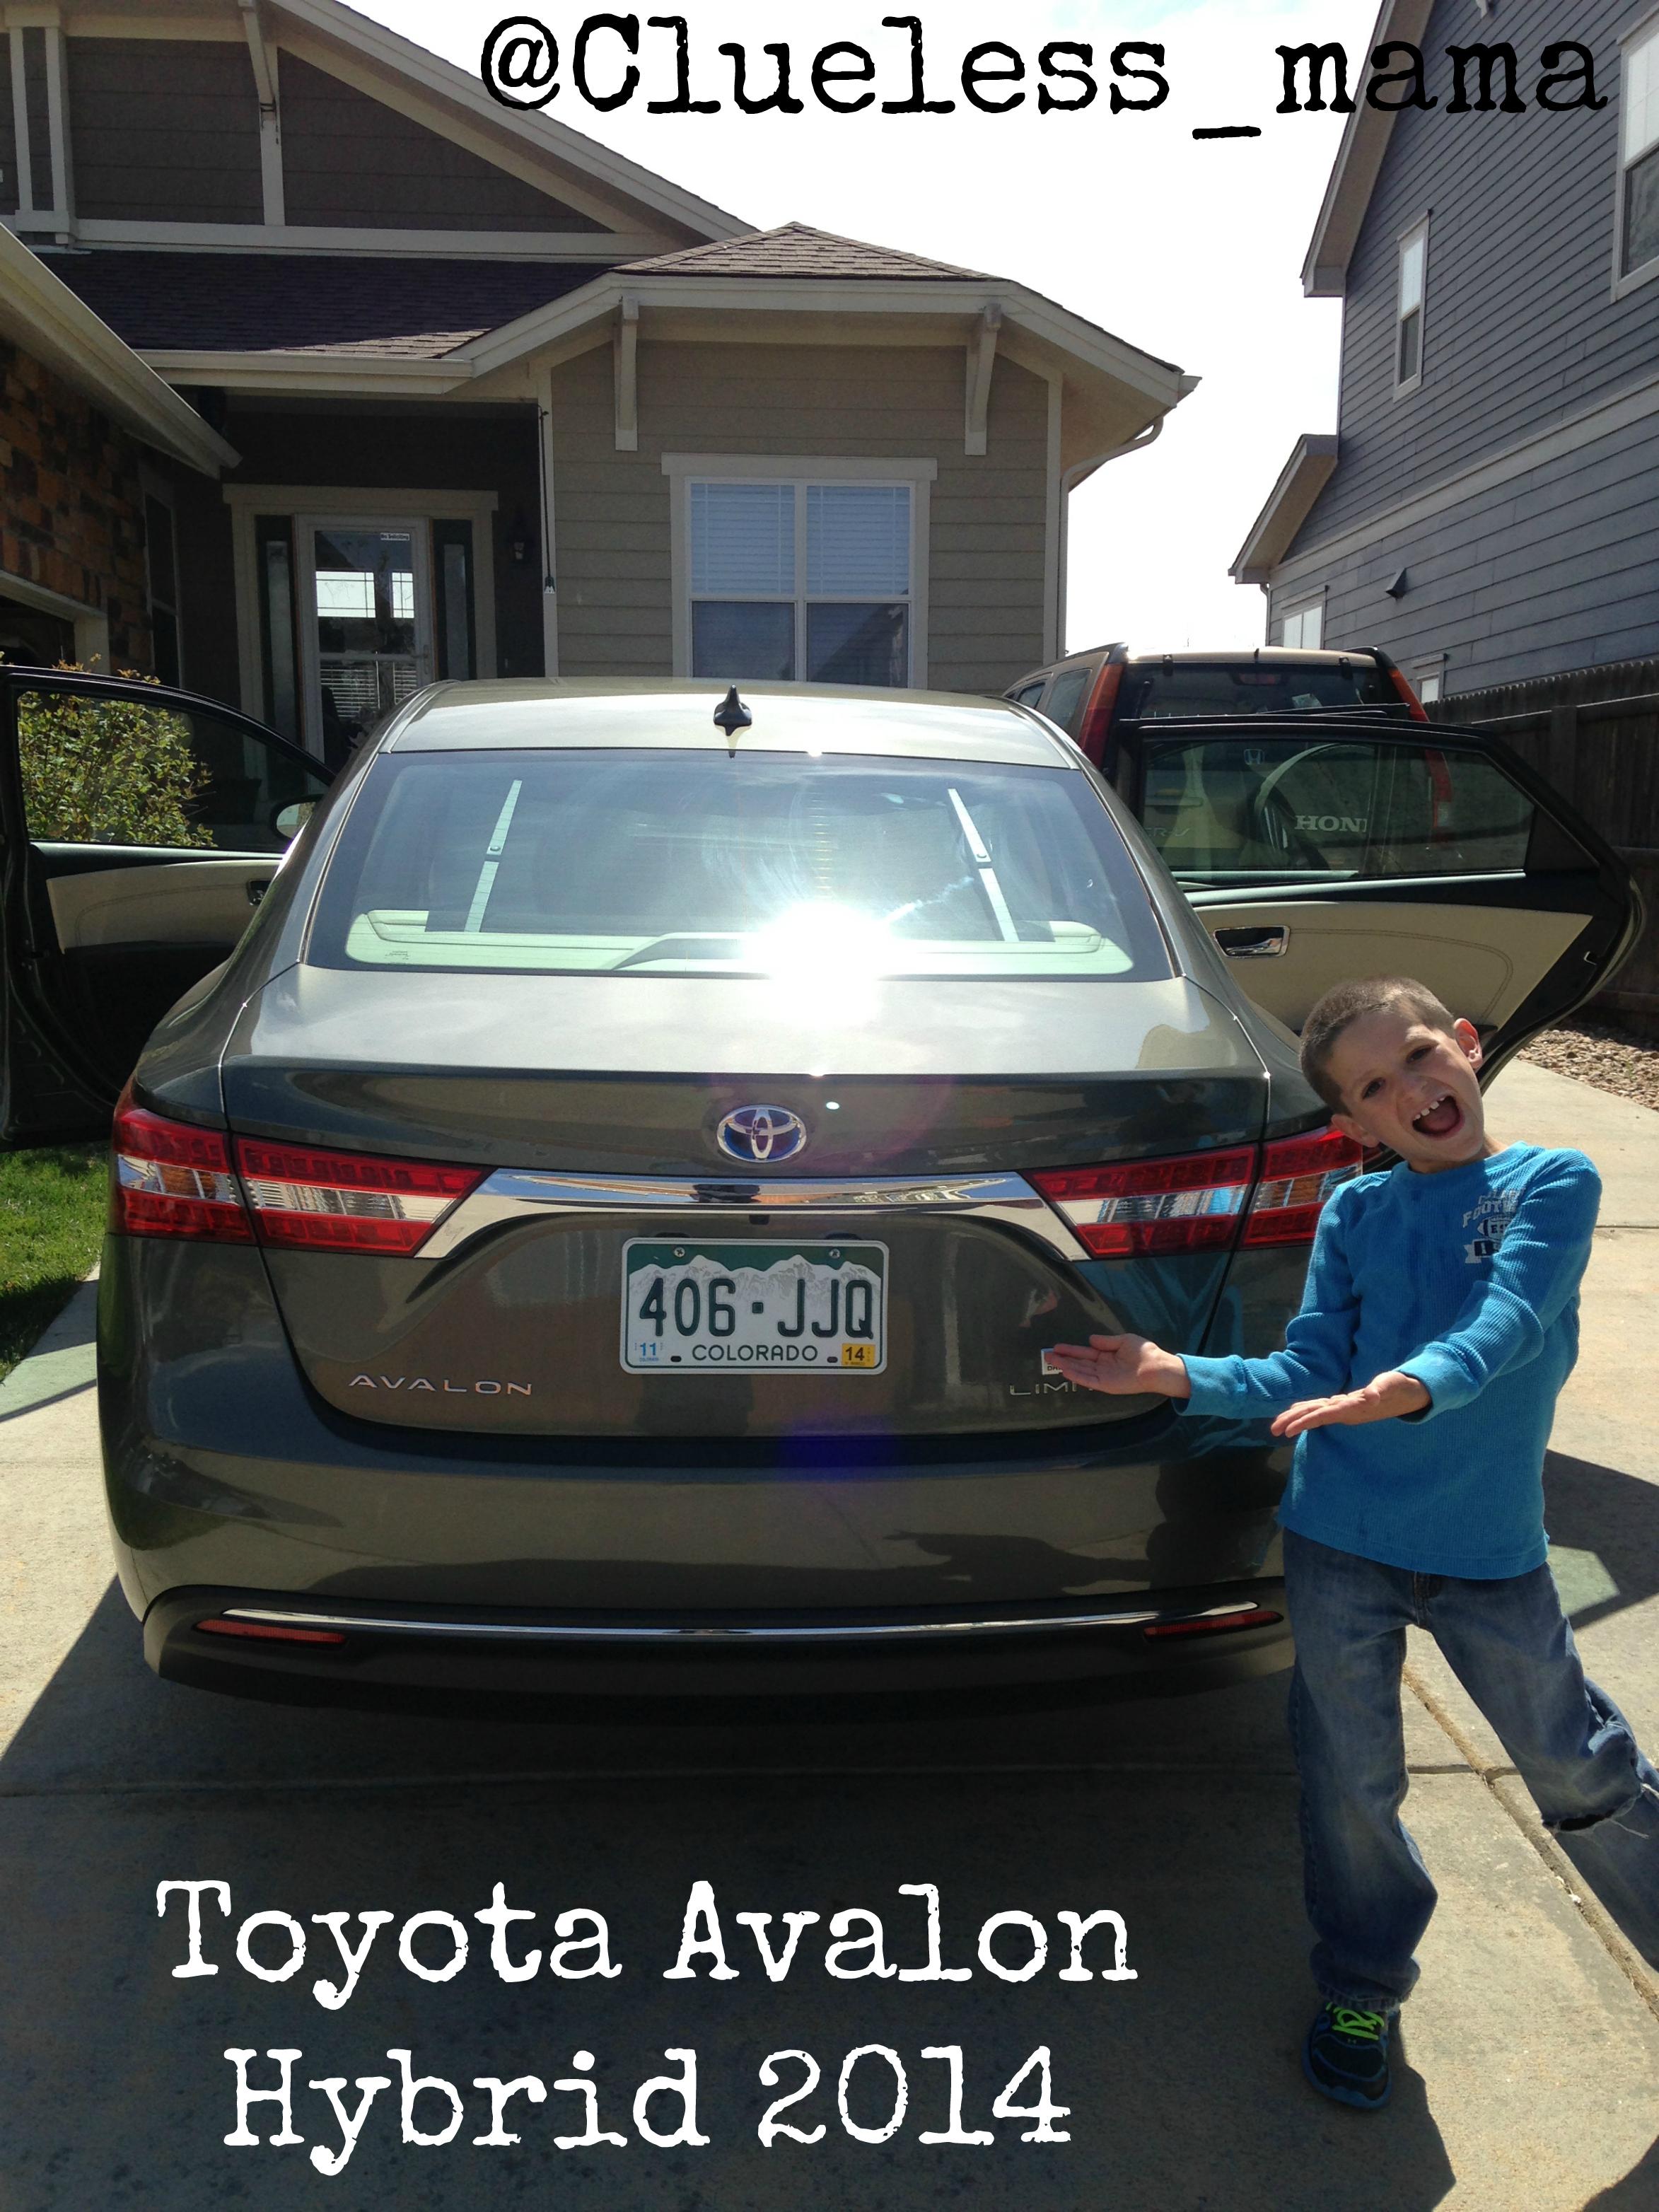 #Toyota Avalon Hybrid 2014